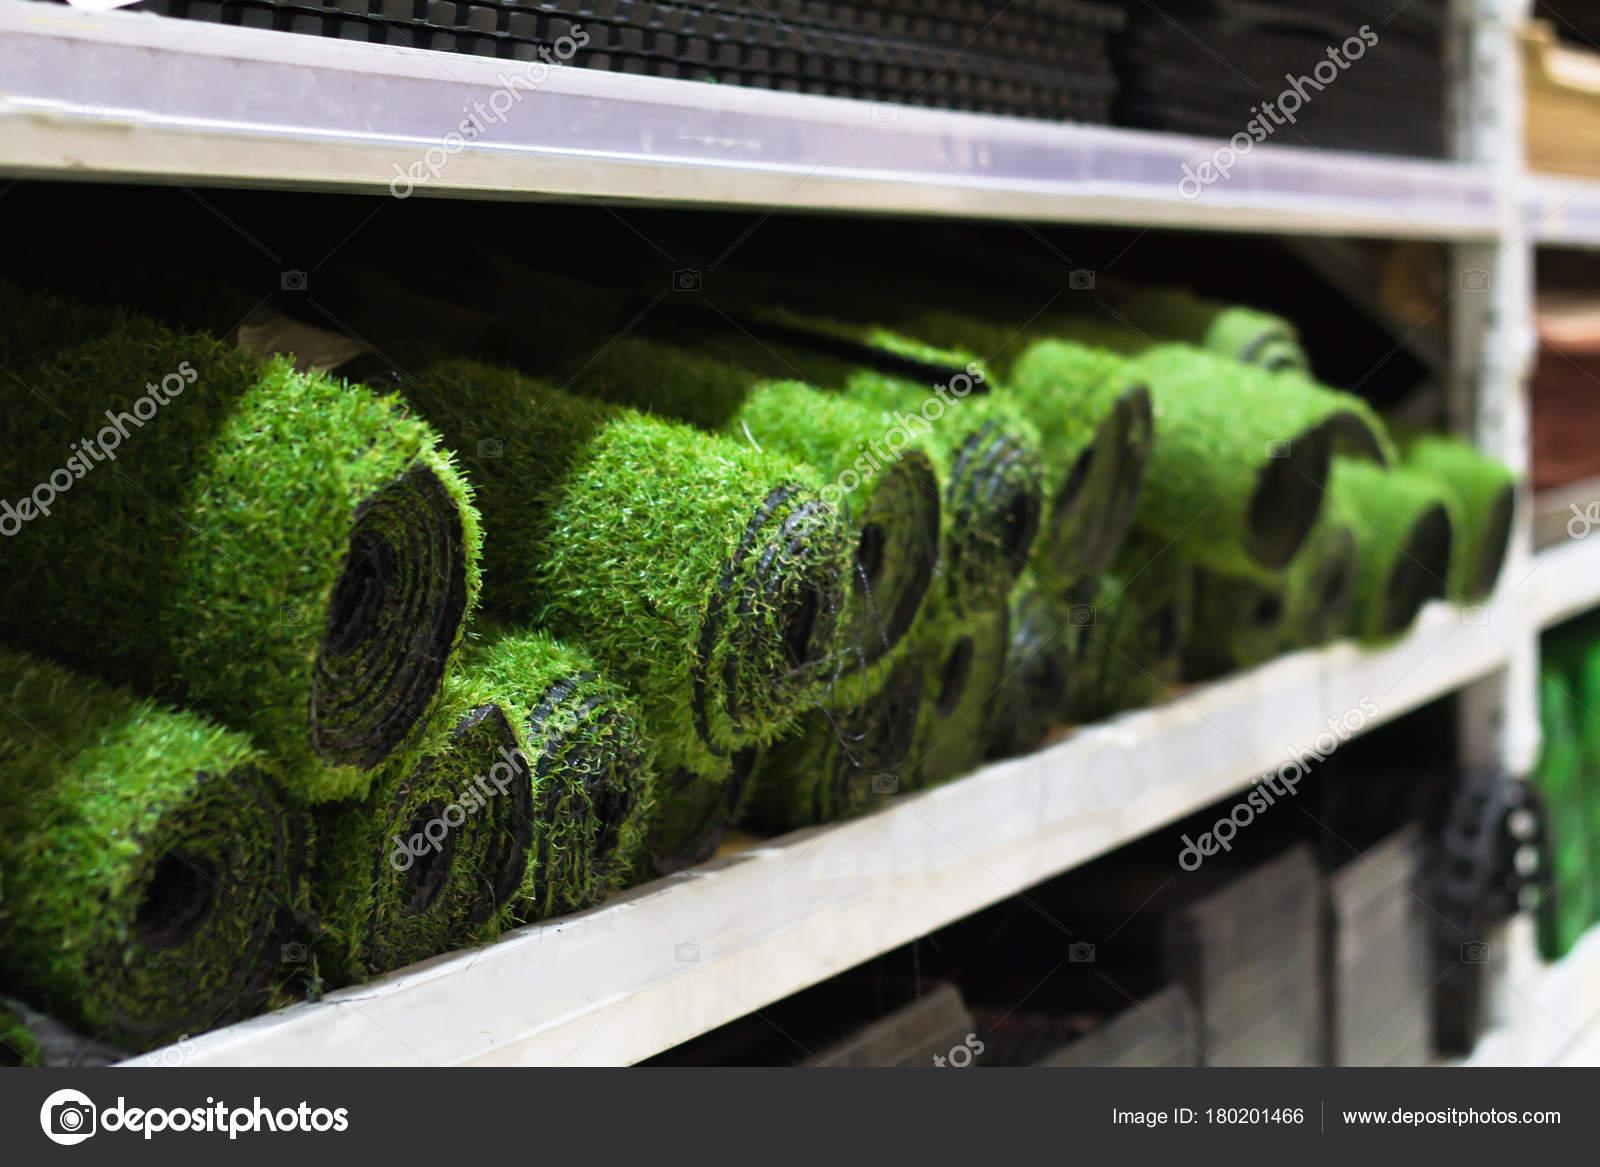 Rollen van kunstgras verkoop op de plank u2014 stockfoto © boss 357